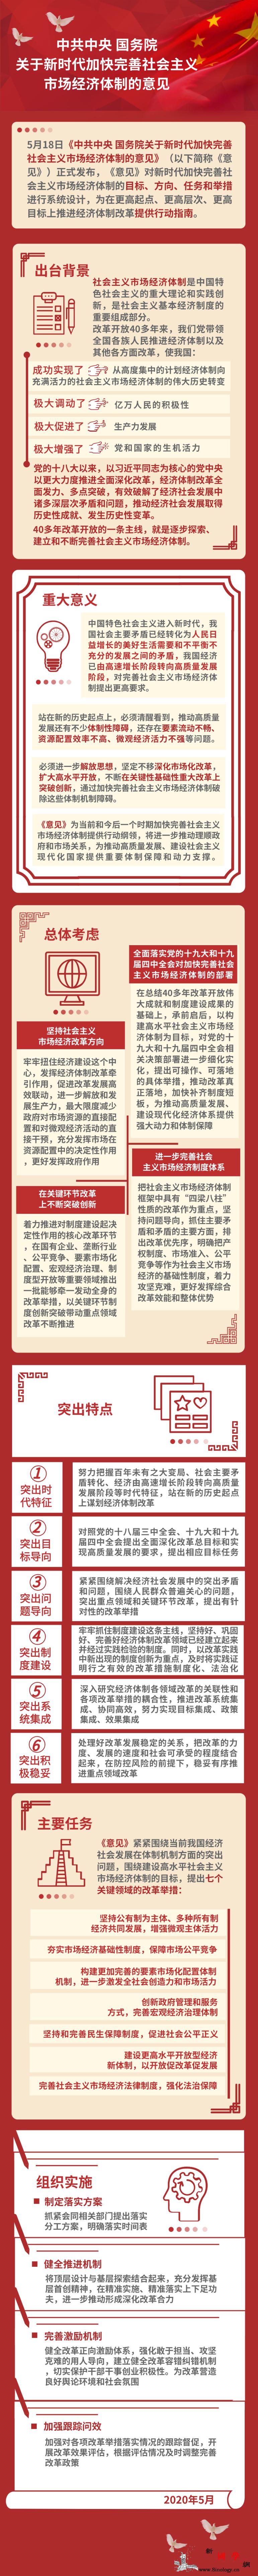 一图读懂 《中共中央国务院关于新时代_画中画-广告-只需-